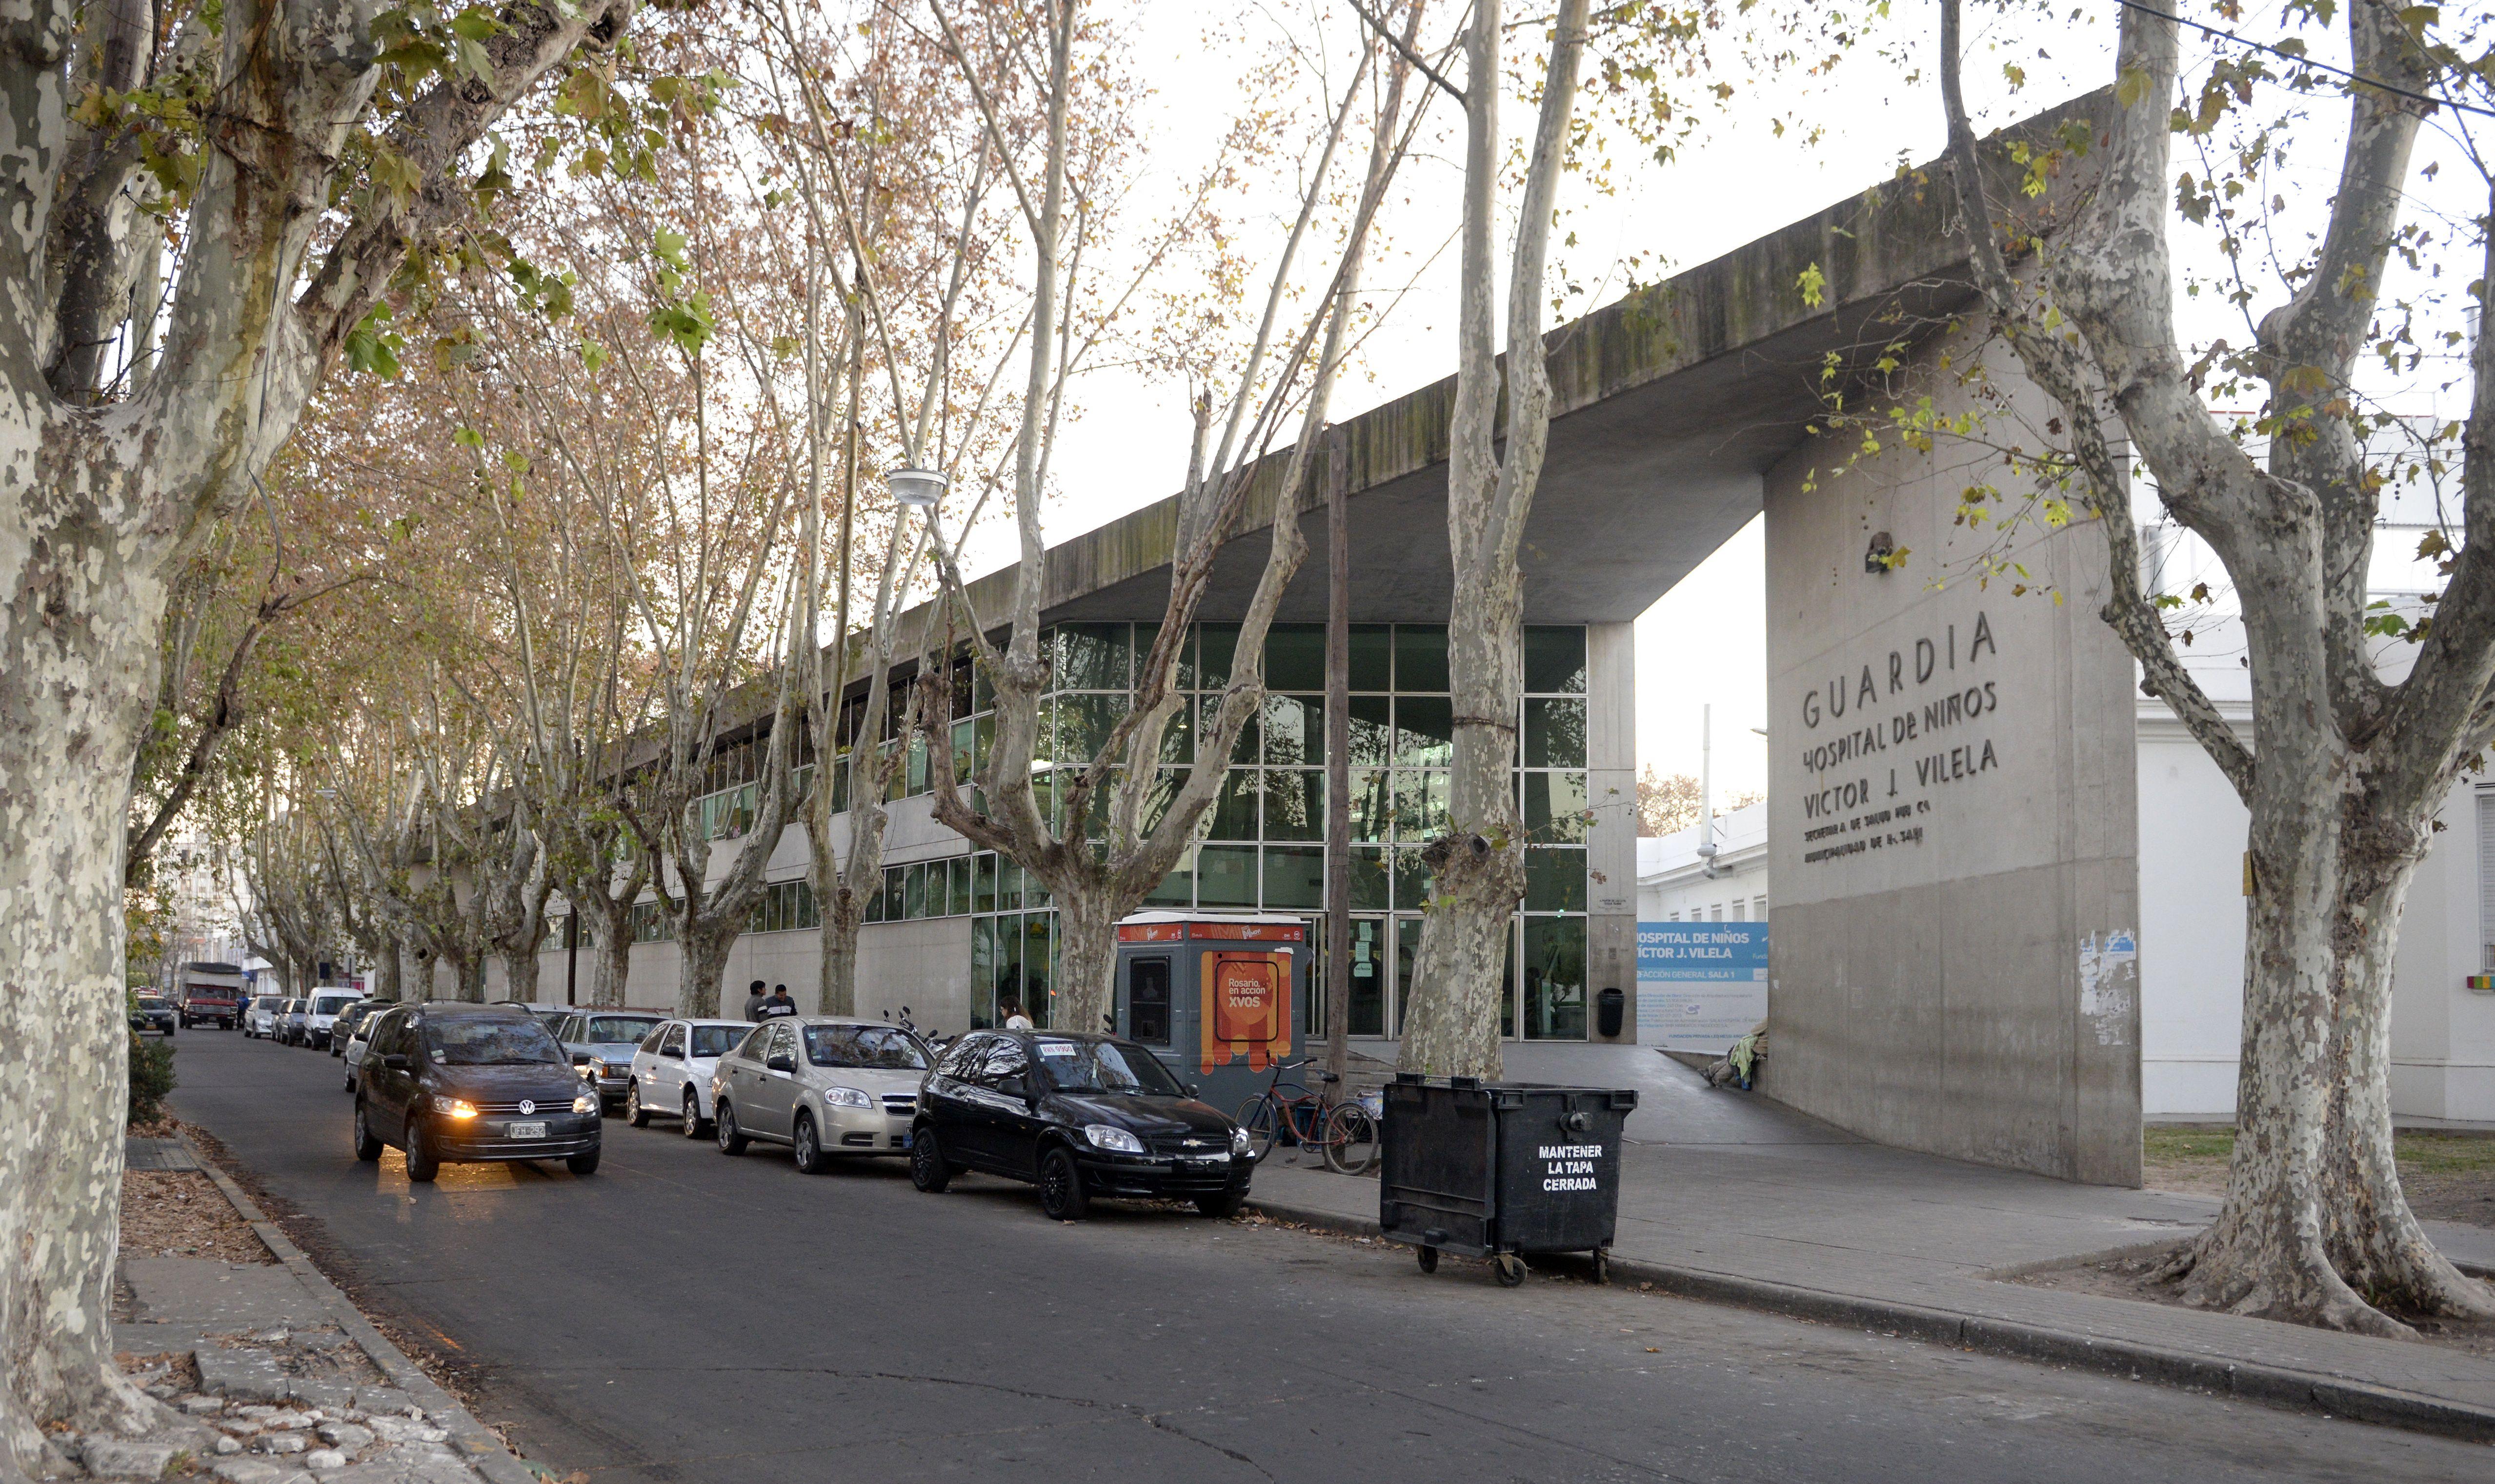 El chico permanece internado en el Hospital de Niños Víctor J. Vilela